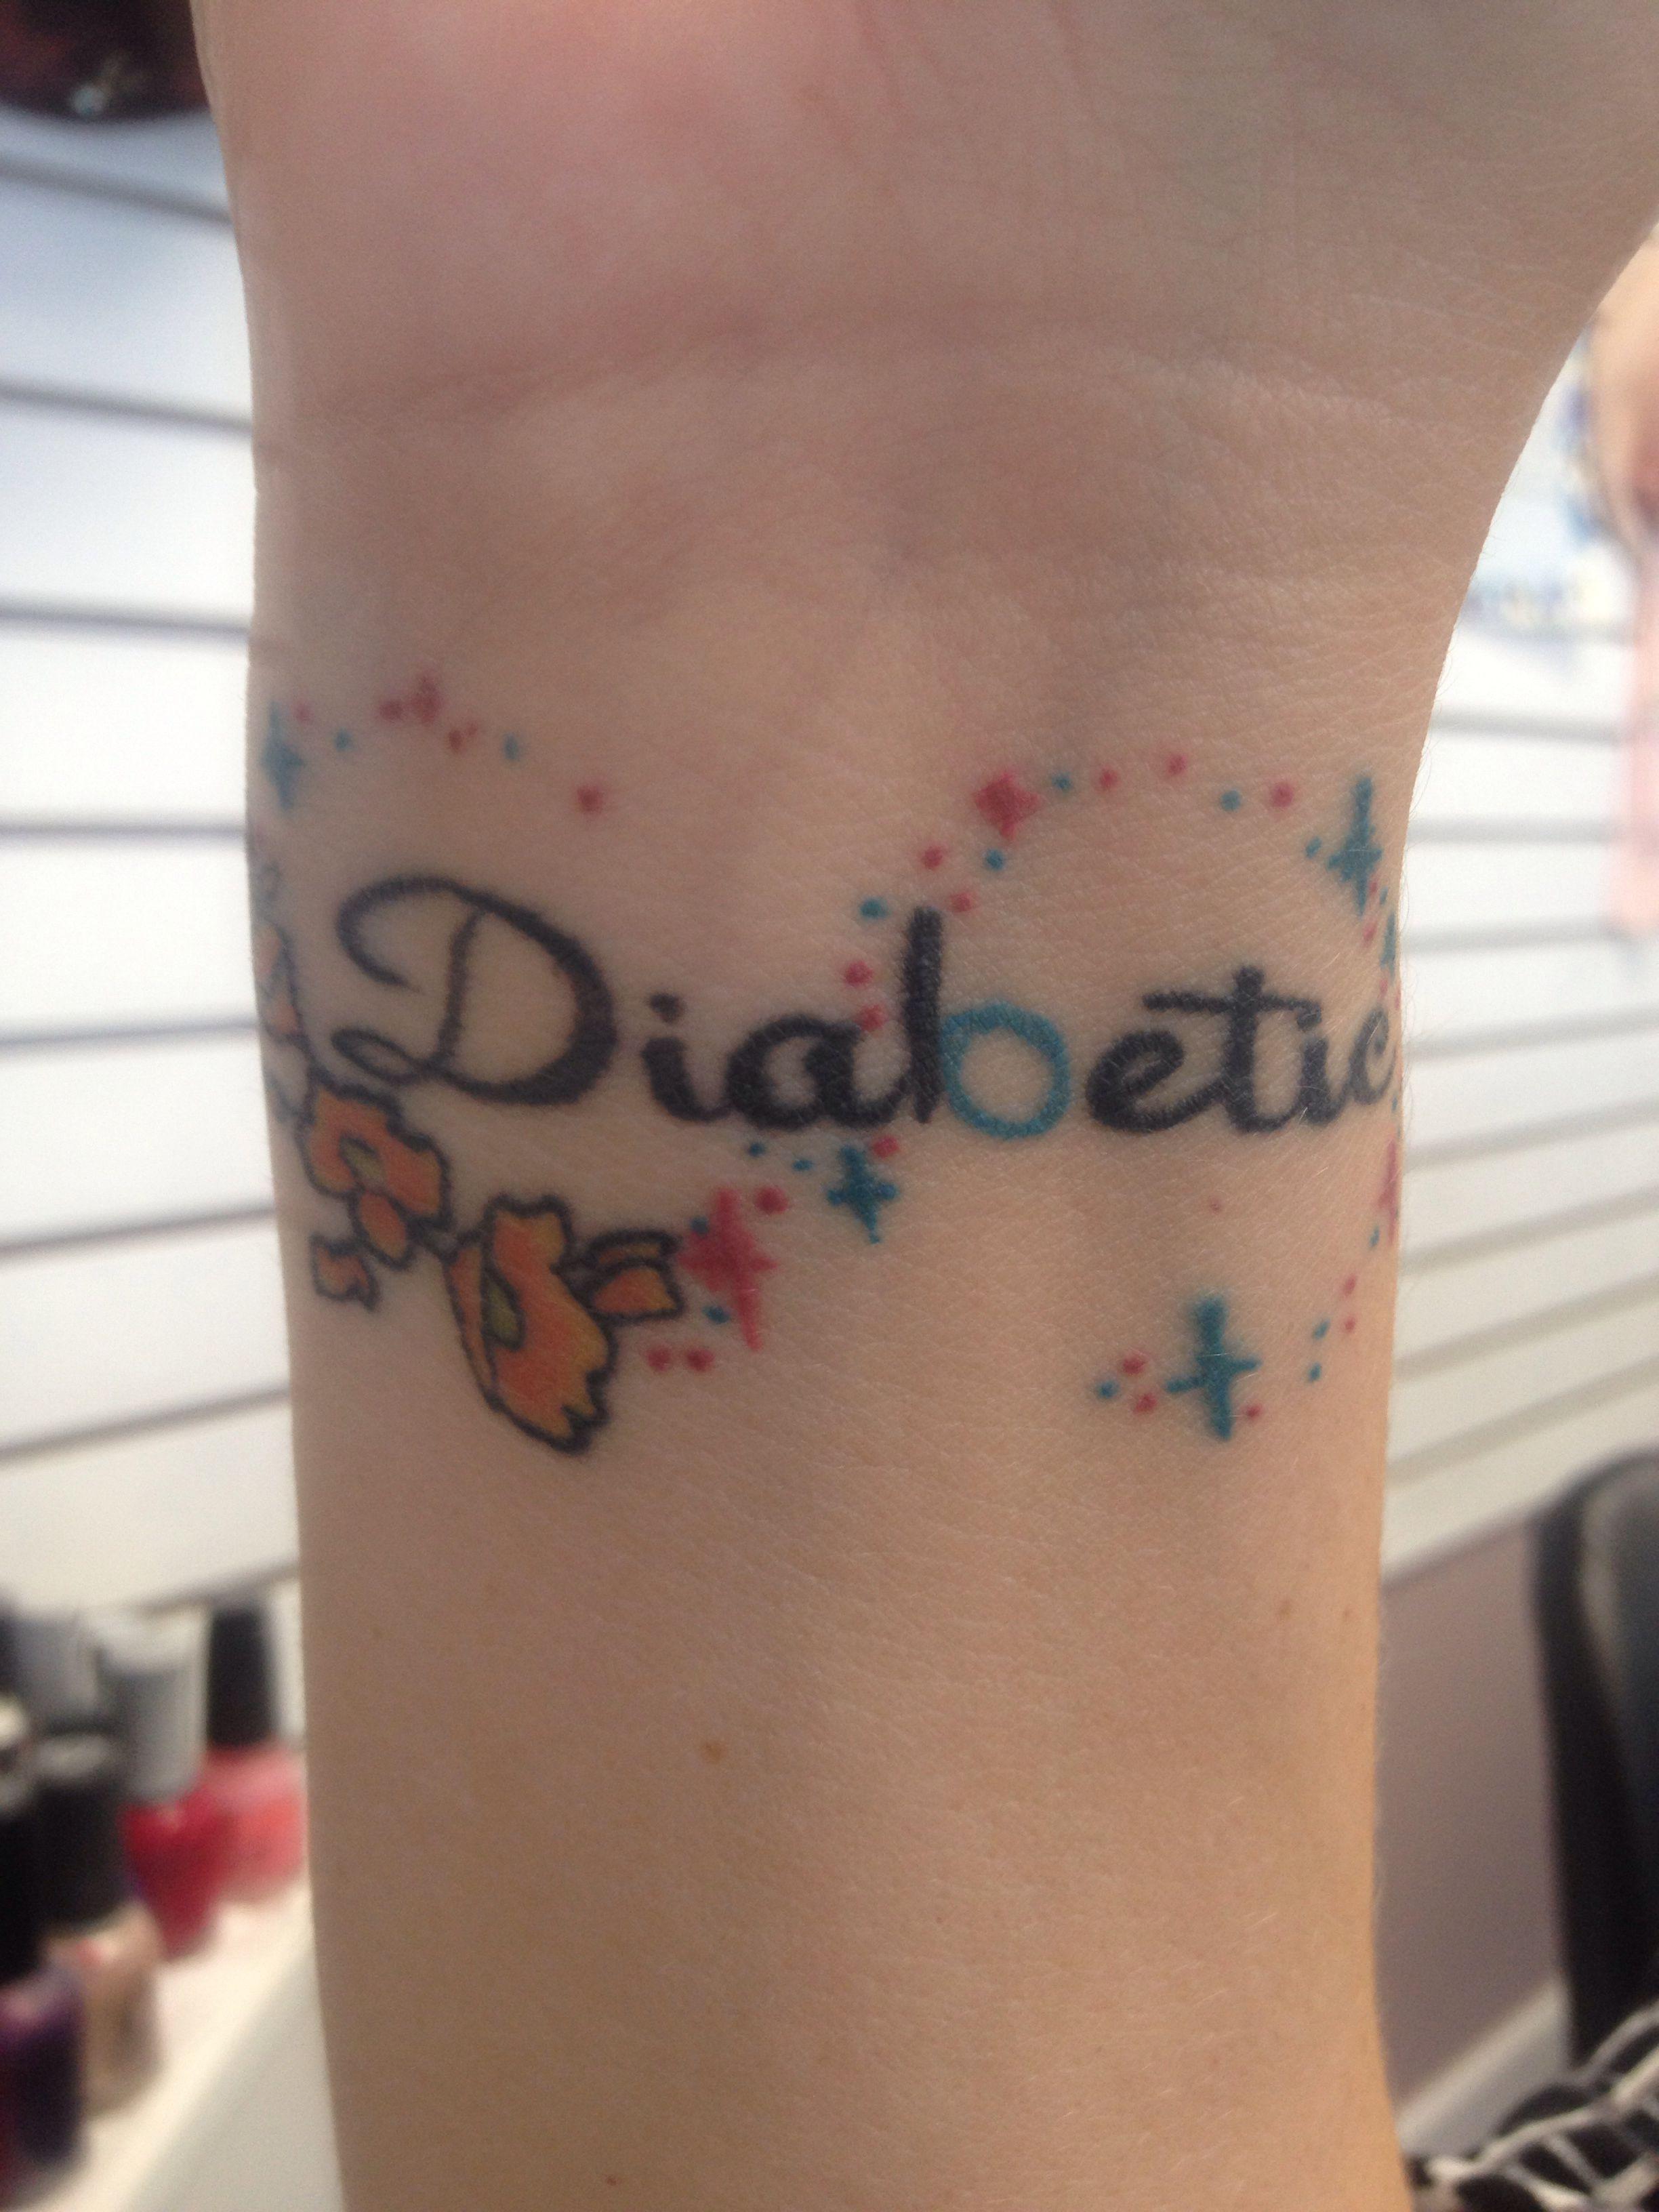 Diabetic tat diabetes tattoo medical alert tattoo tattoos